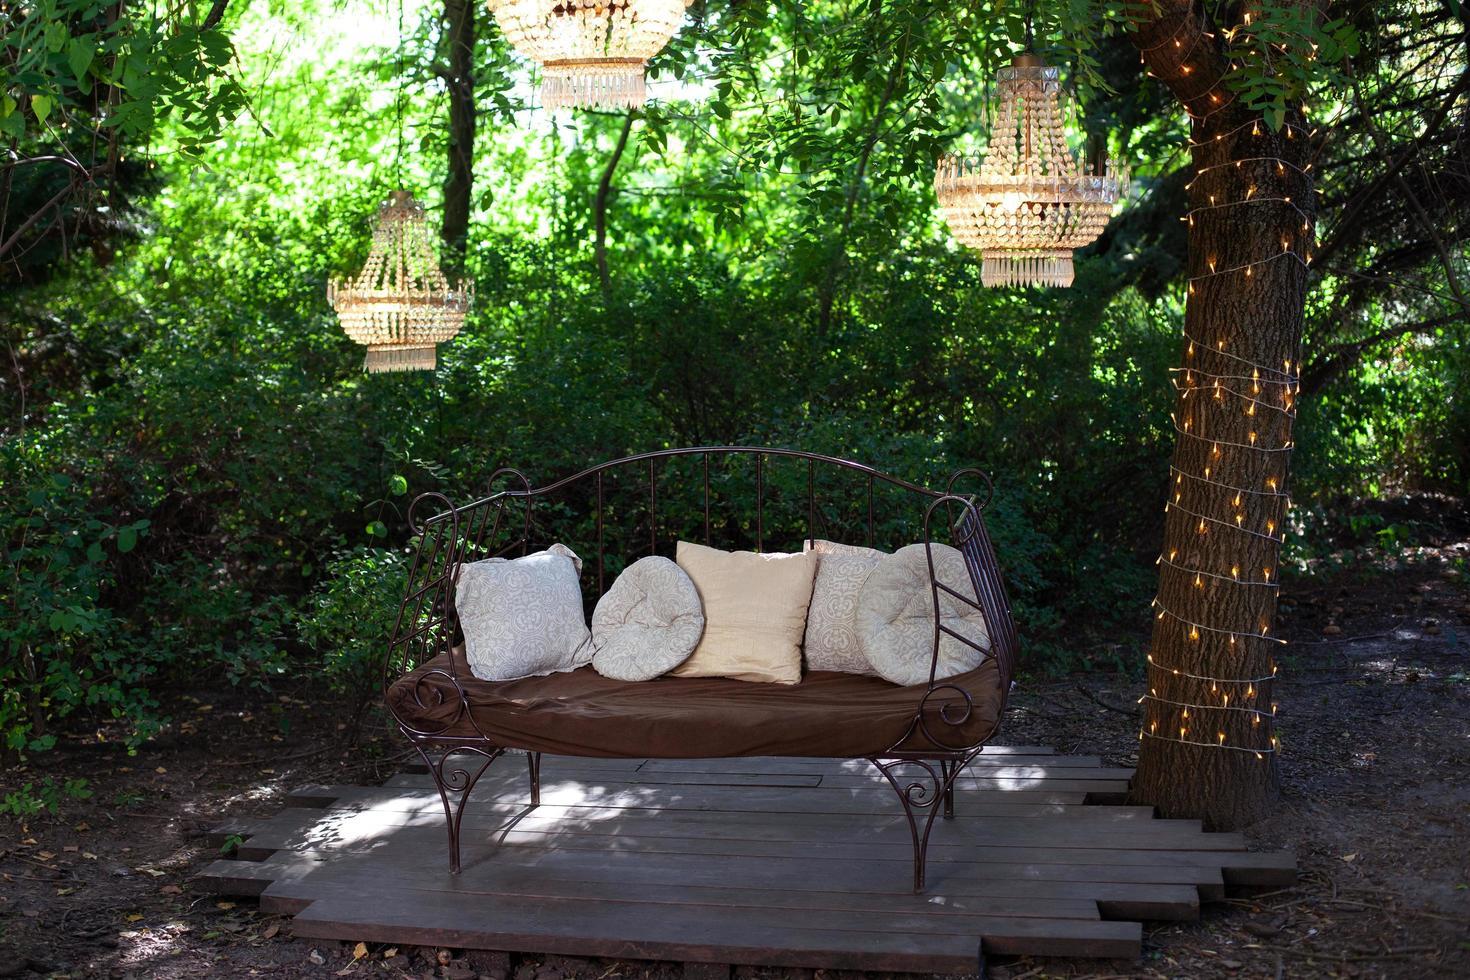 canapé de jardin avec des décorations photo